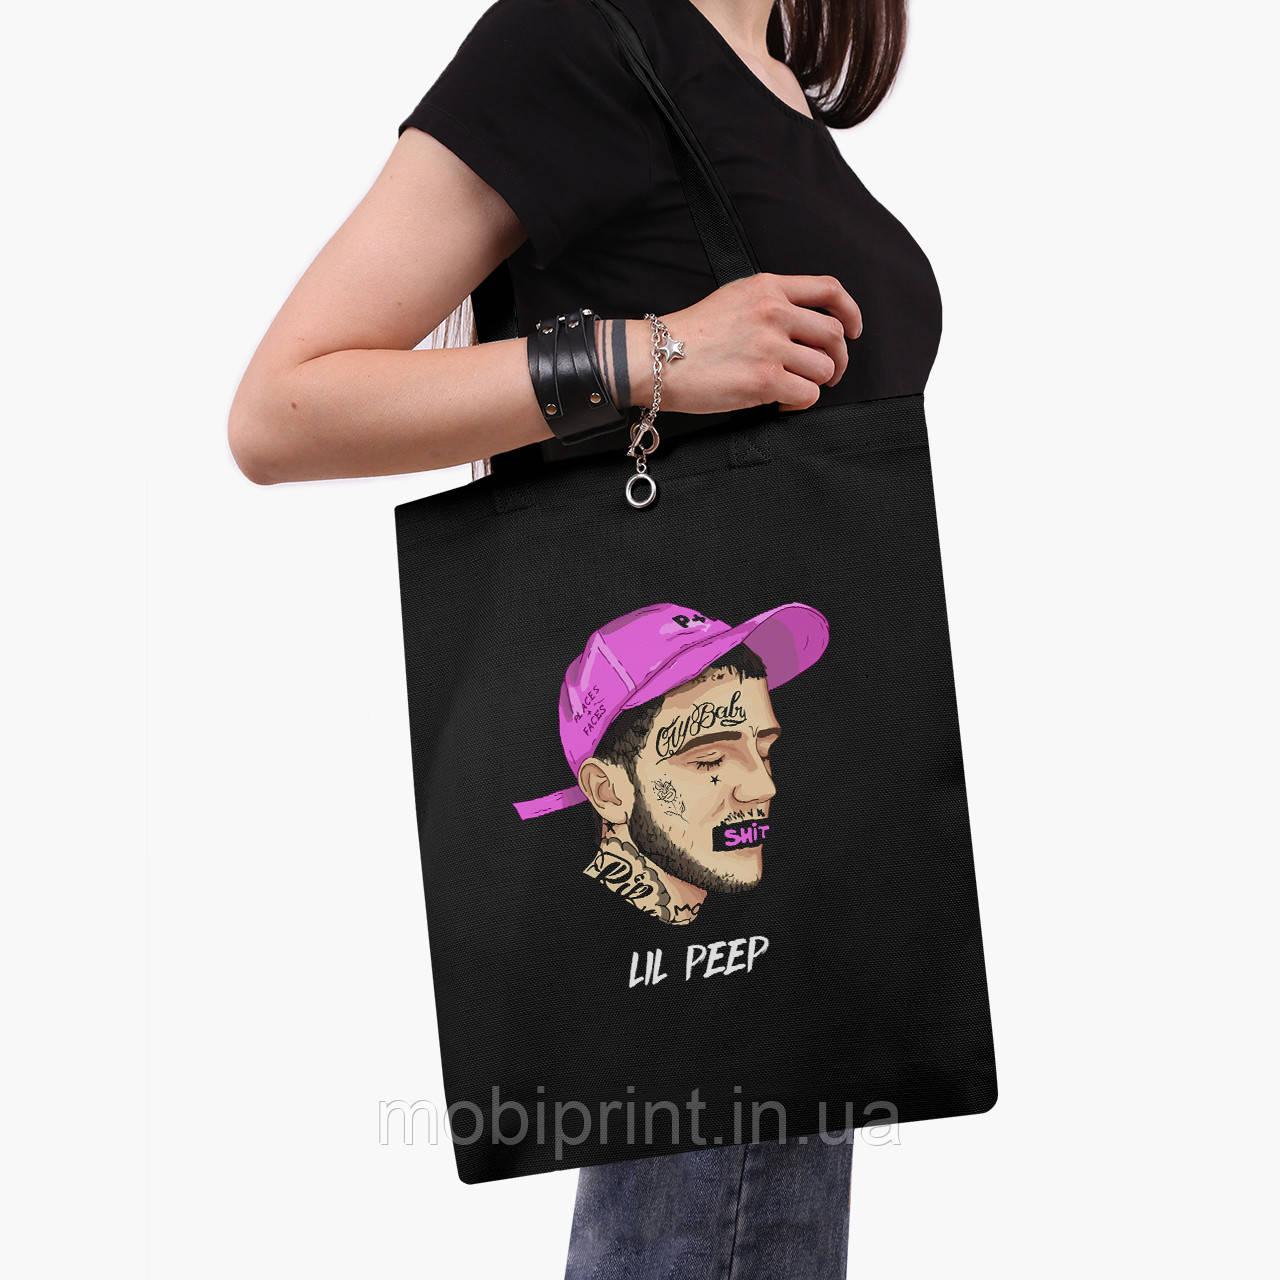 Еко сумка шоппер чорна Лив Піп (Lil Peep) (9227-2635-2) 41*35 см